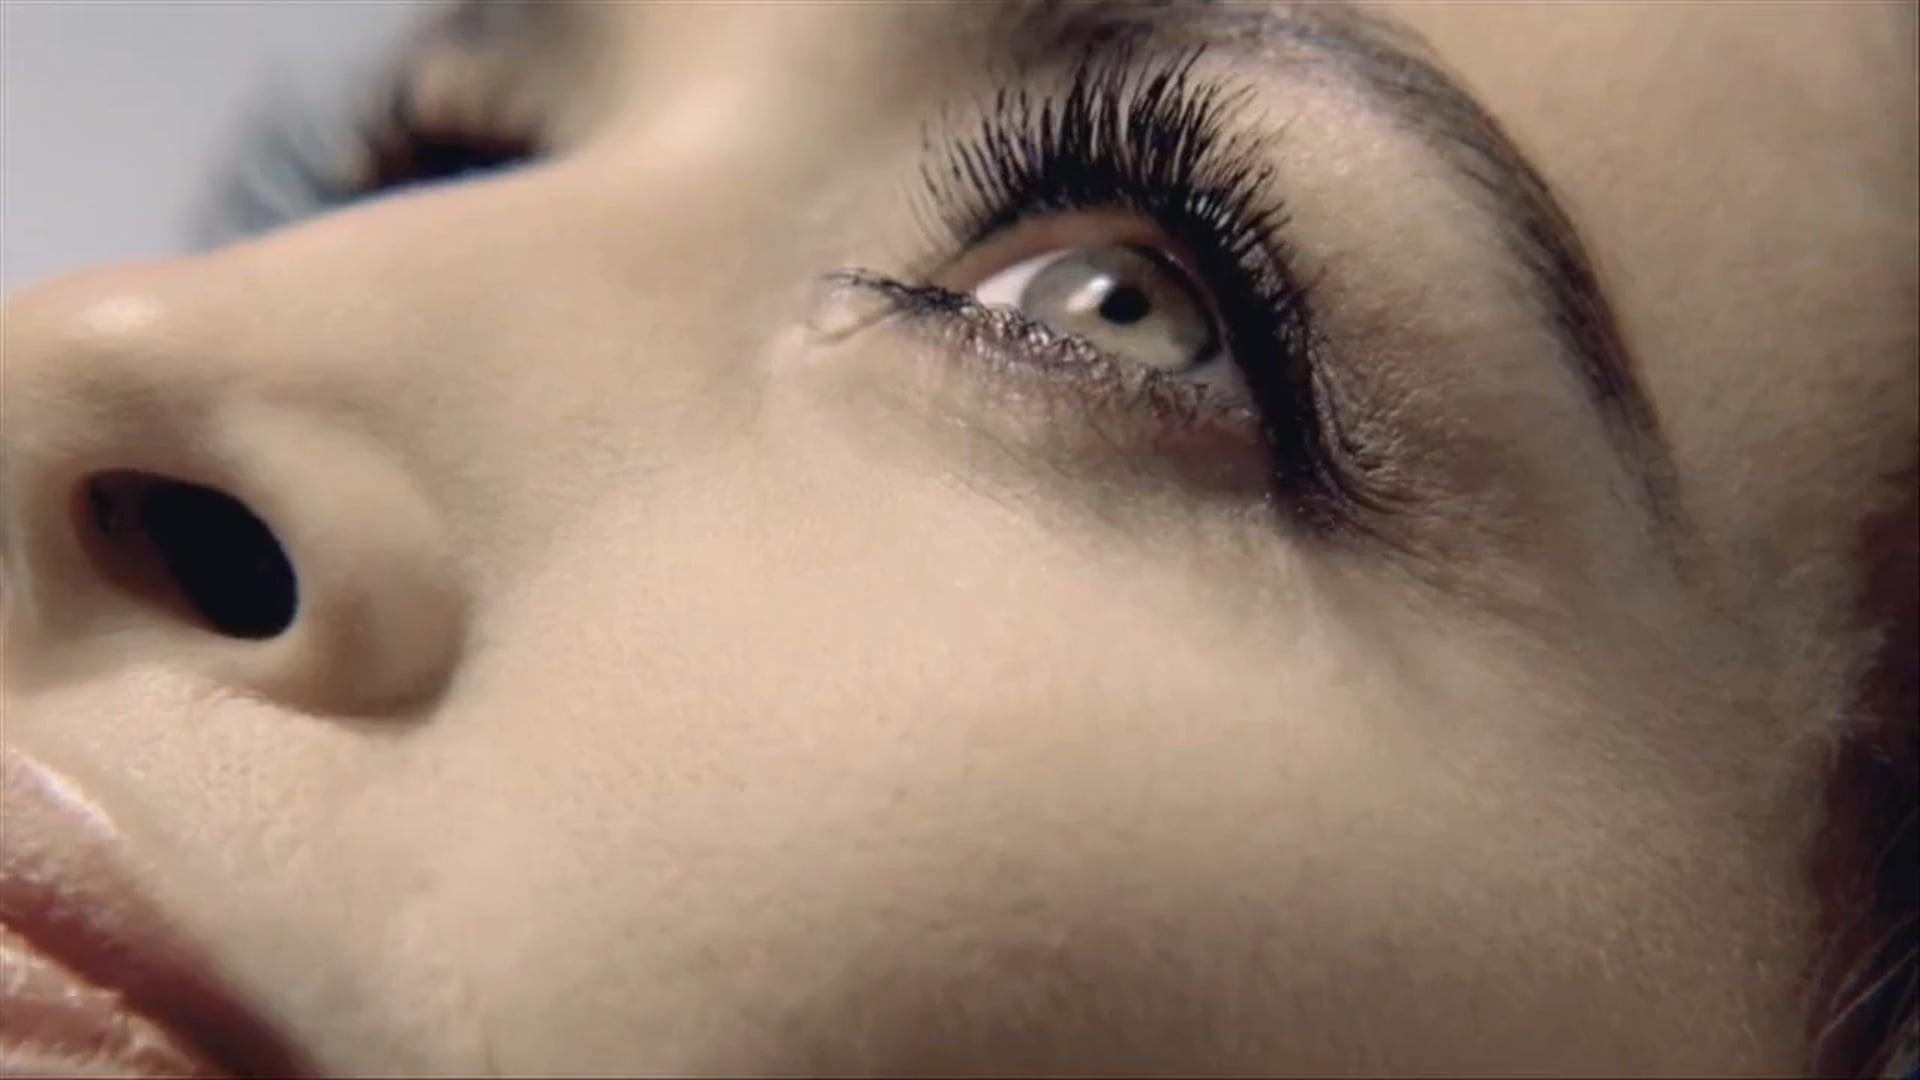 Paul Vos -Avon - Eyelash